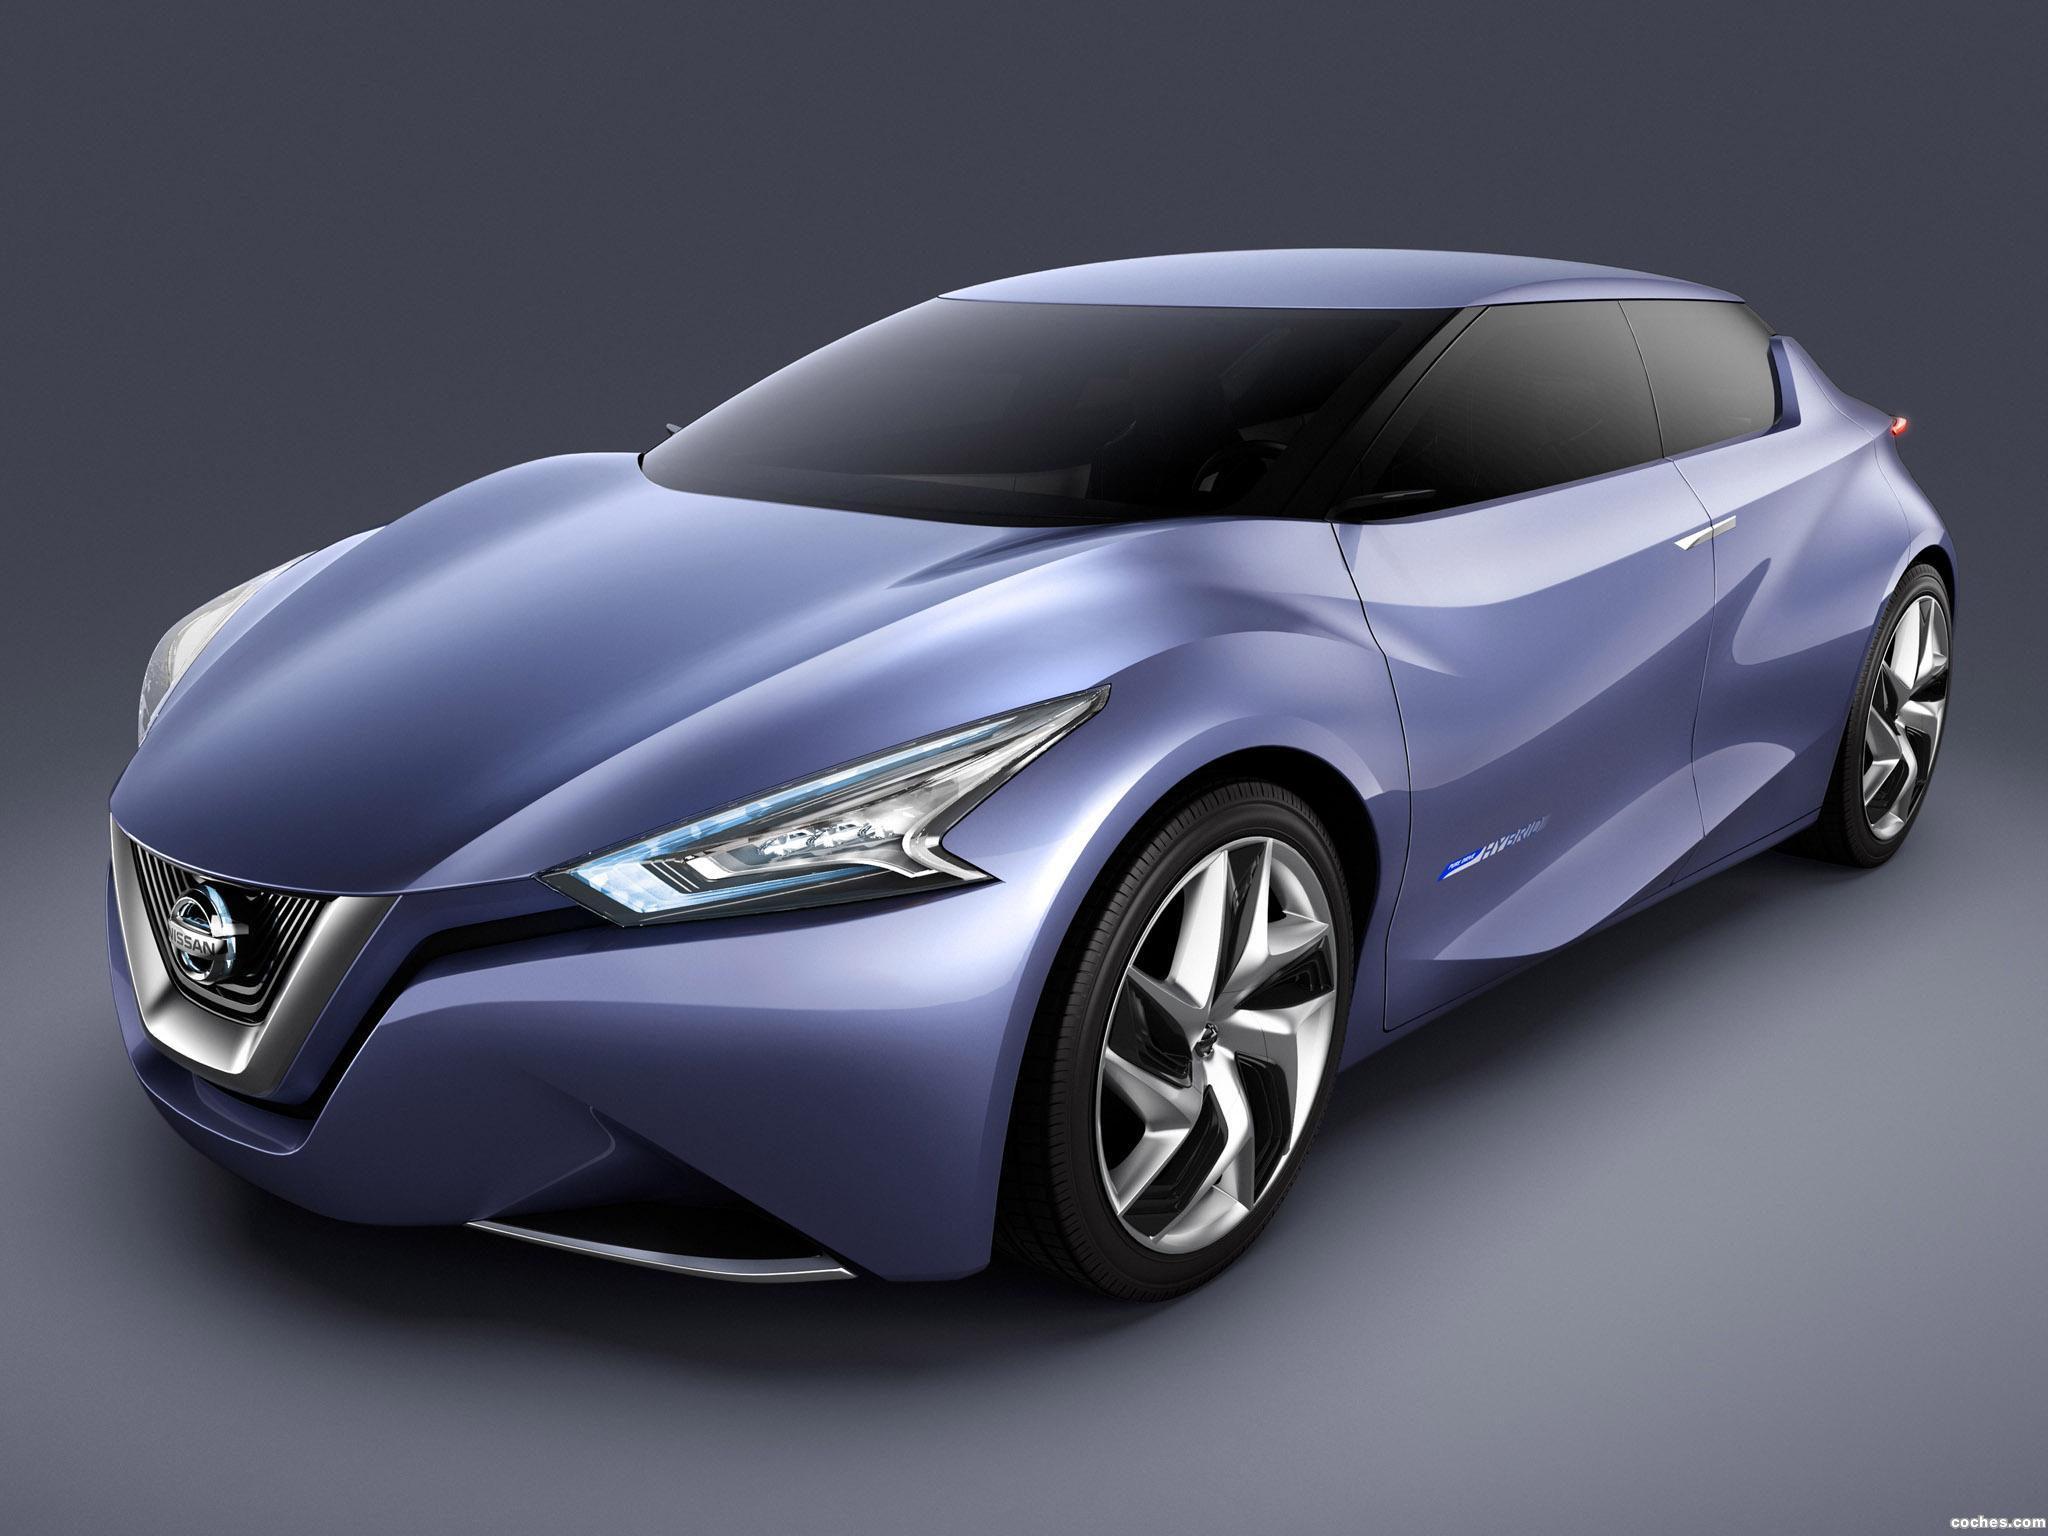 Foto 17 de Nissan Friend-ME Concept 2013